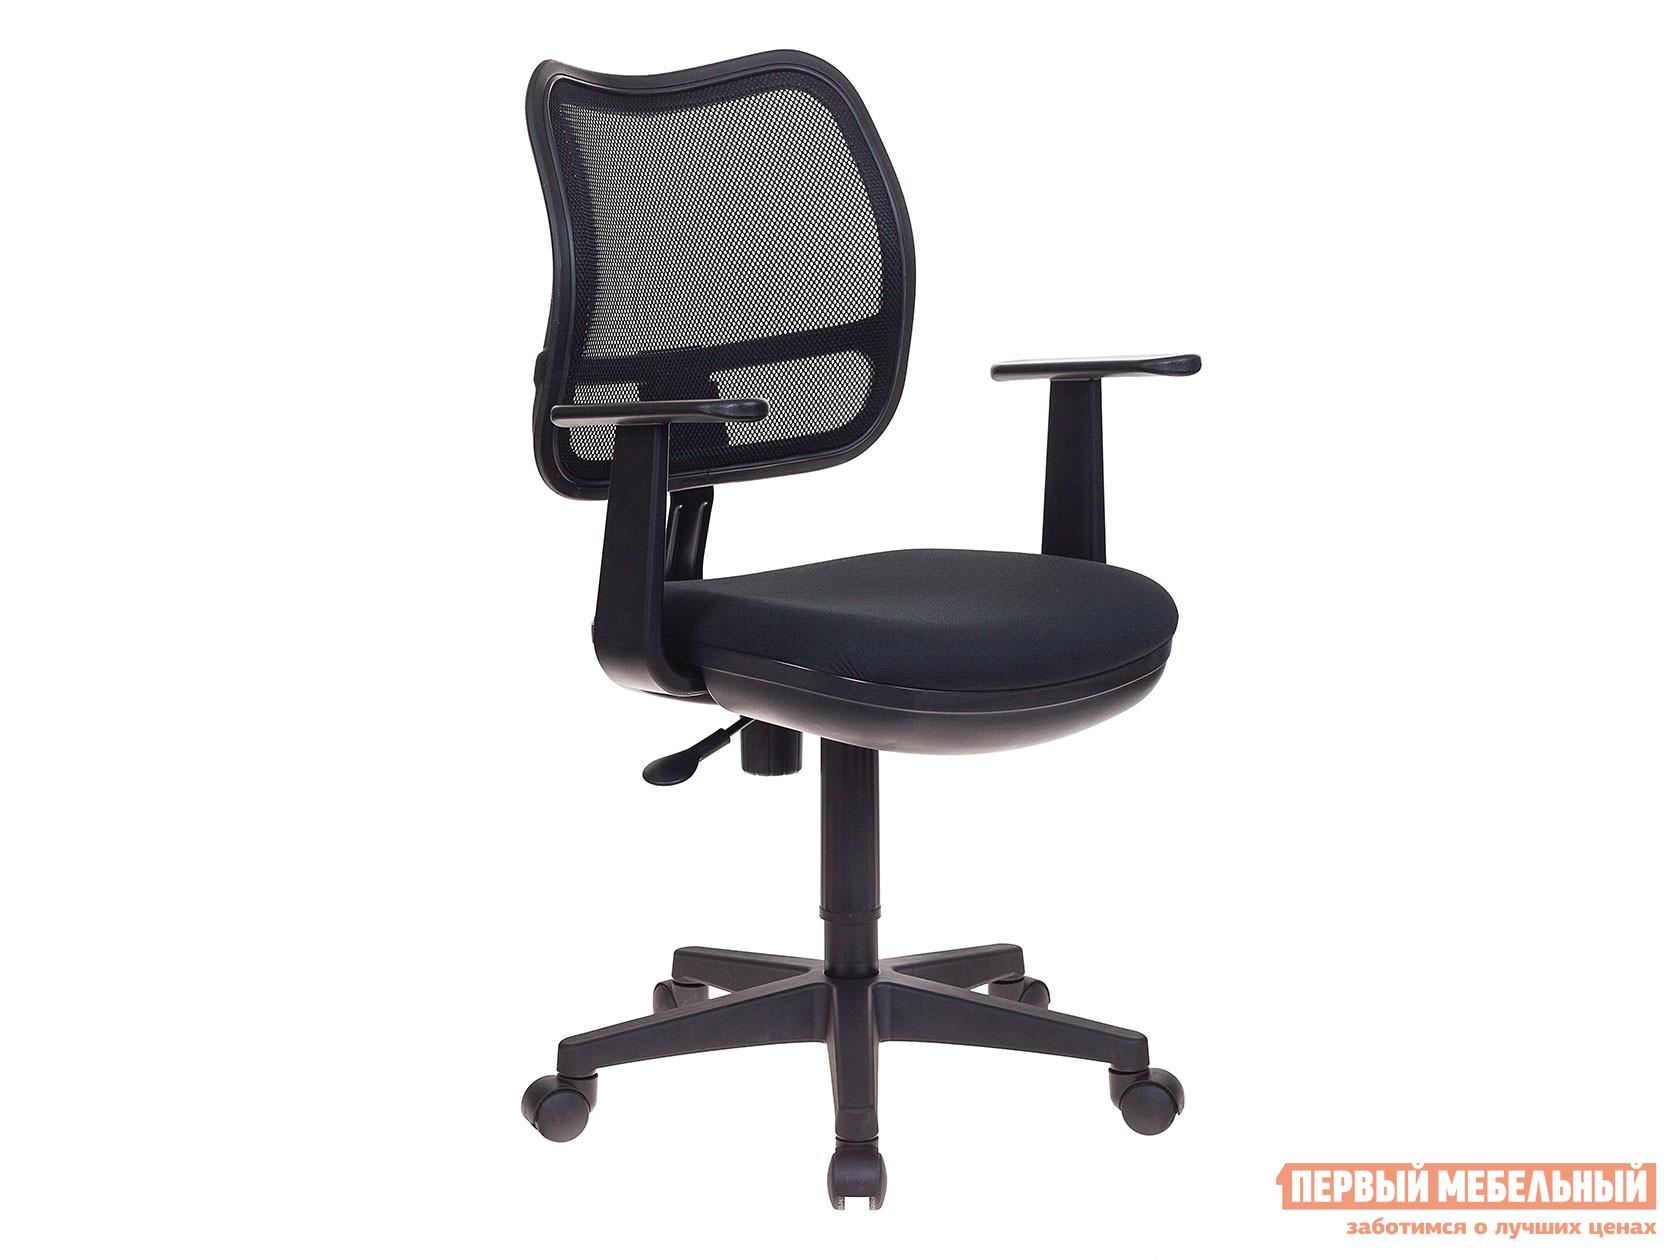 цена на Офисное кресло на колесиках Бюрократ CH-797AXSN